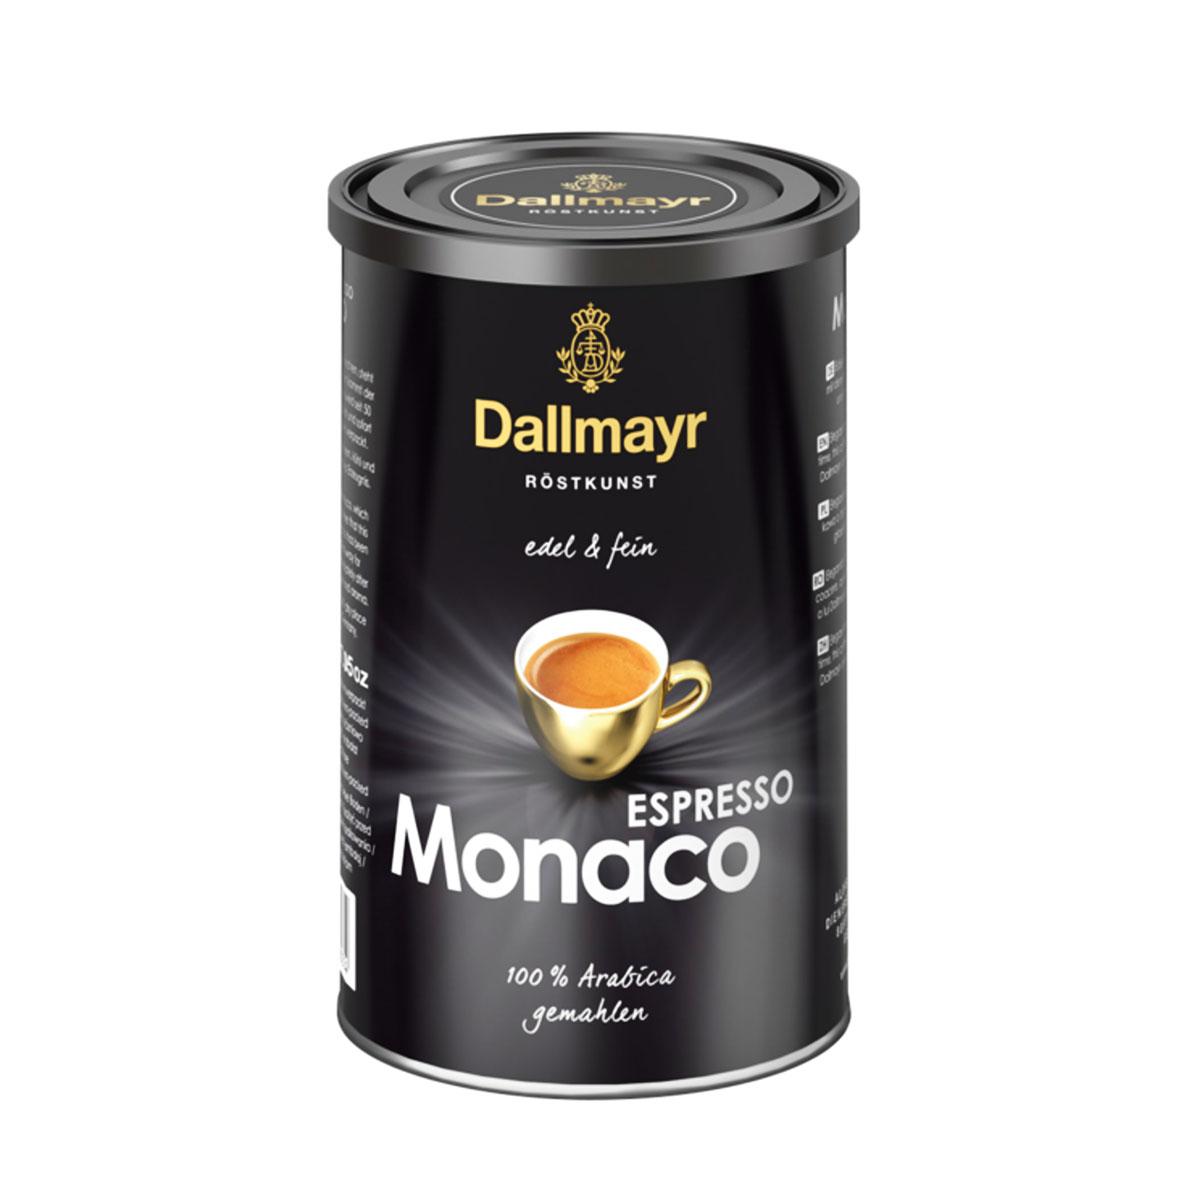 Dallmayr Espresso Monaco cafea macinata cutie metalica 200g